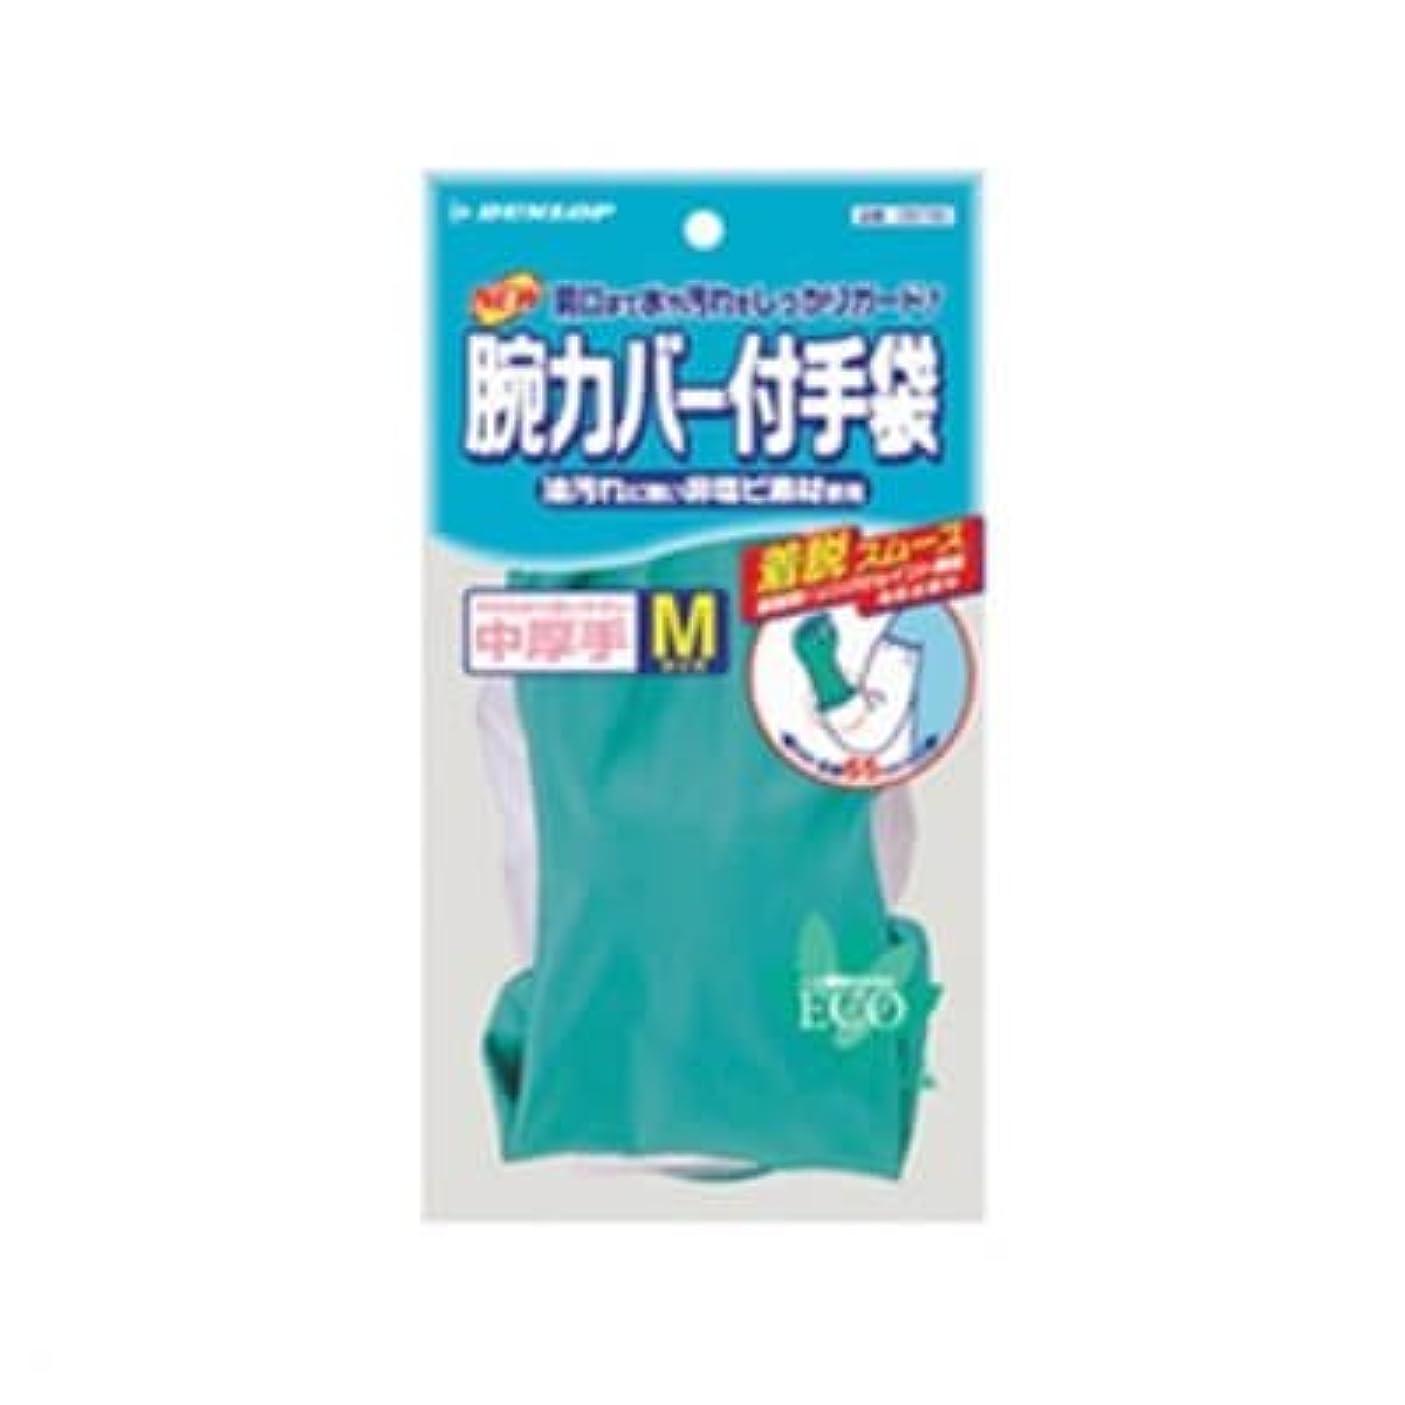 自然公園不運宿題【ケース販売】 ダンロップ ニトリル中厚手 腕カバー付手袋 M グリーン (5双×12袋)